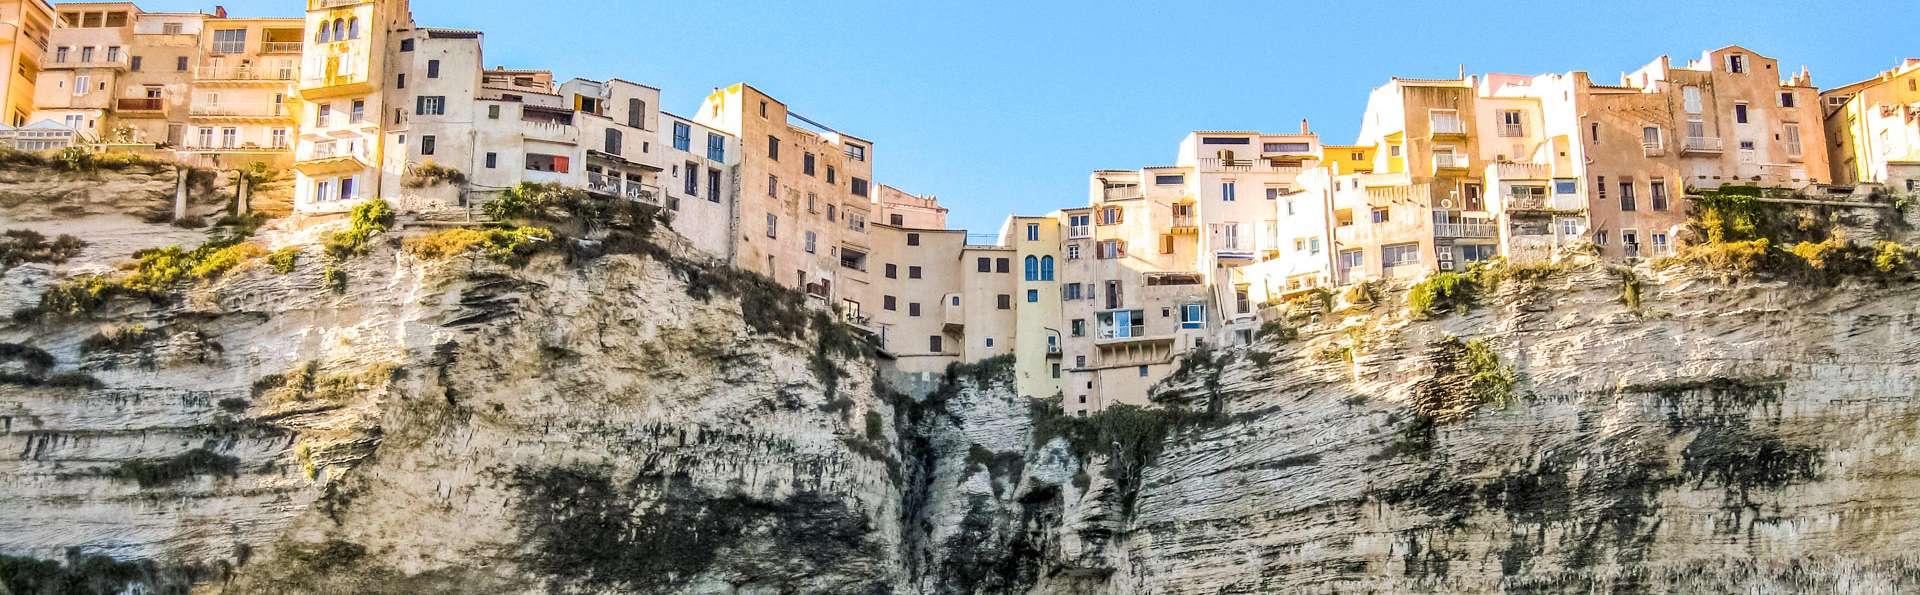 Vous avez déjà rêvé des plages sauvages en Corse? Cessez de rêver, allez-y!